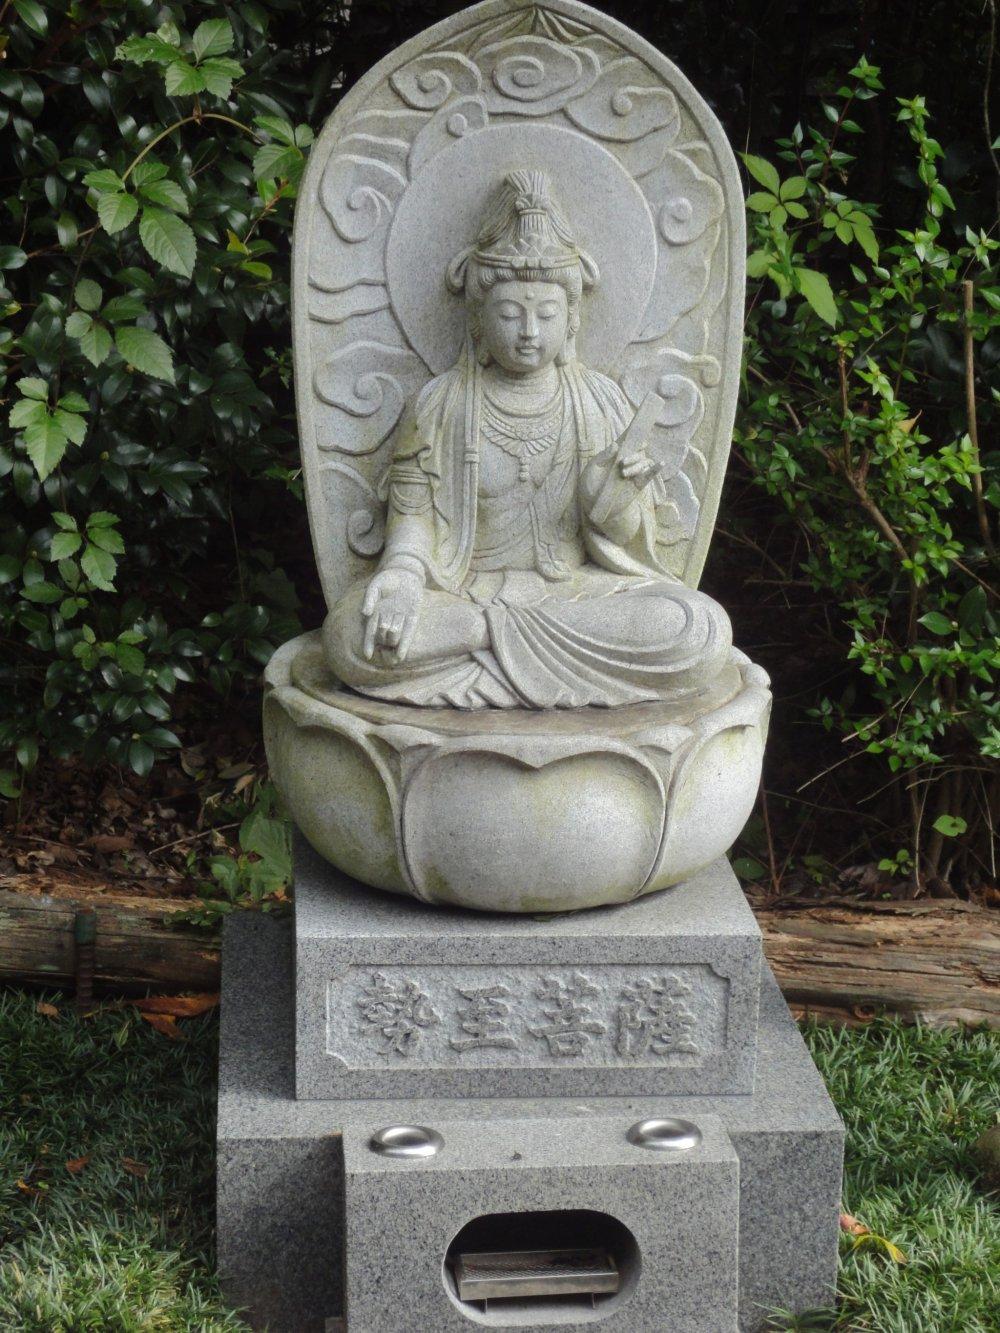 Bạn sẽ thấy một số pho tượng Bồ Tát dọc theo đền thờ